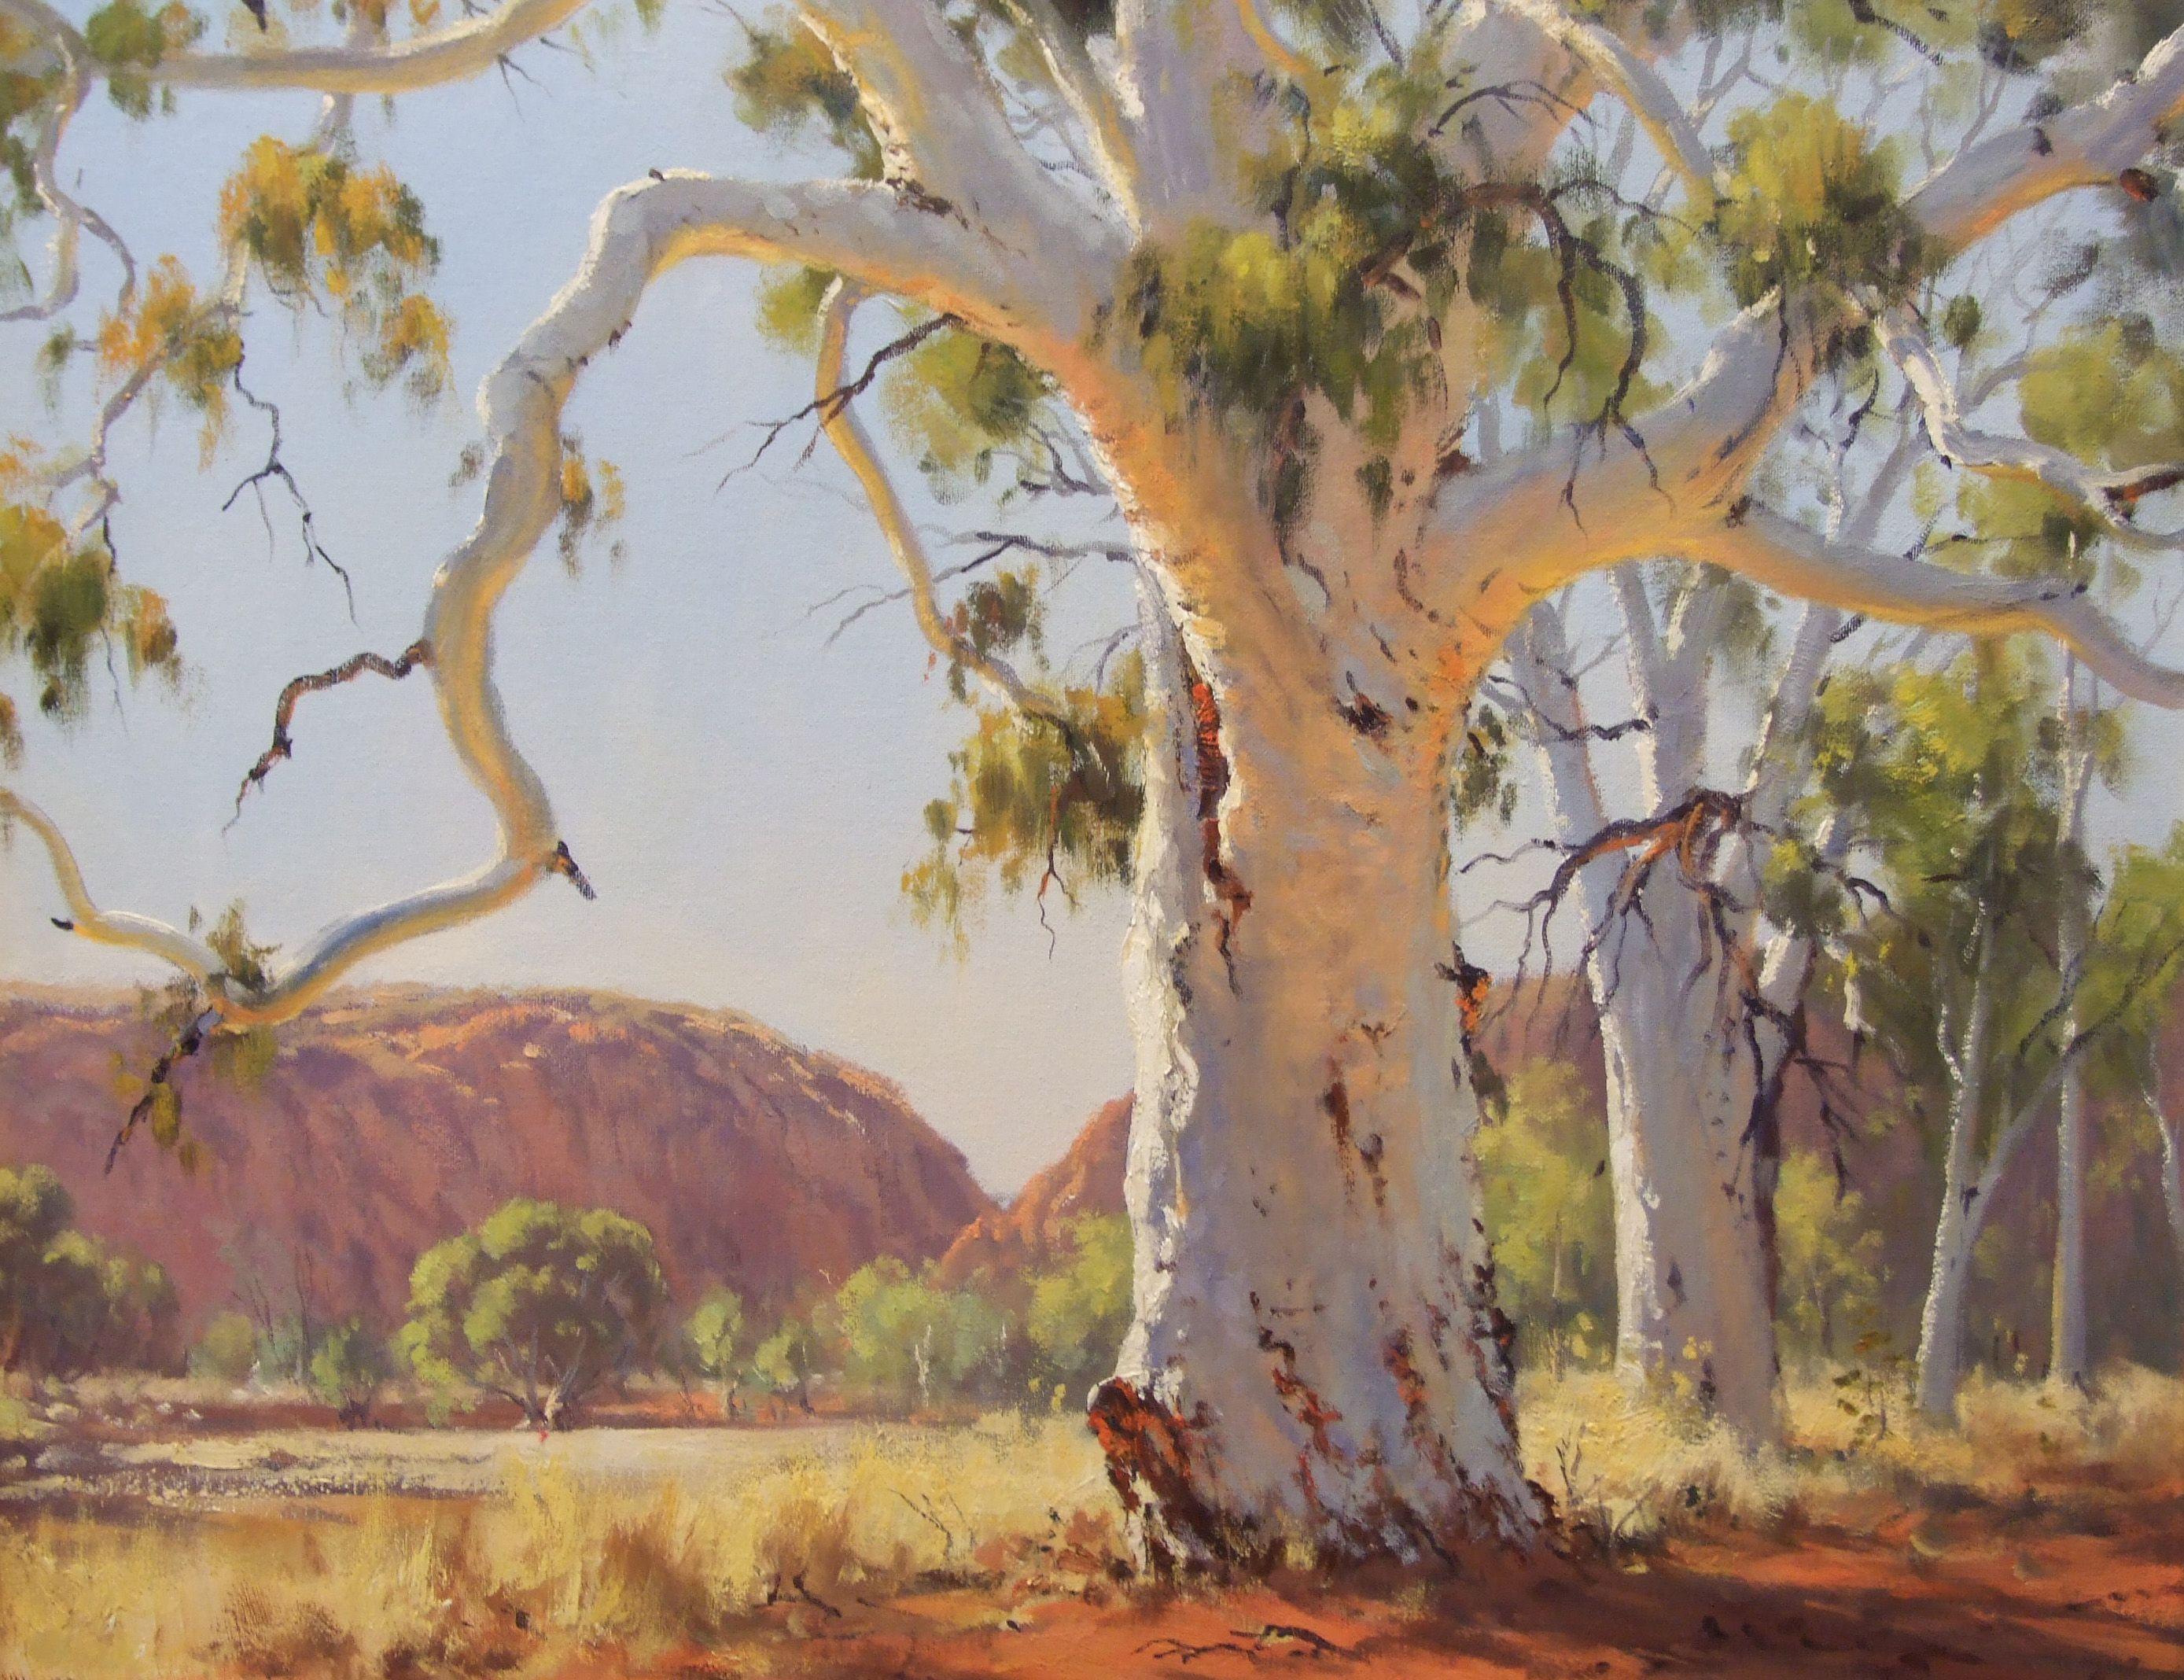 Ghost Gum Ted Lewis Landscape Paintings Landscape Art